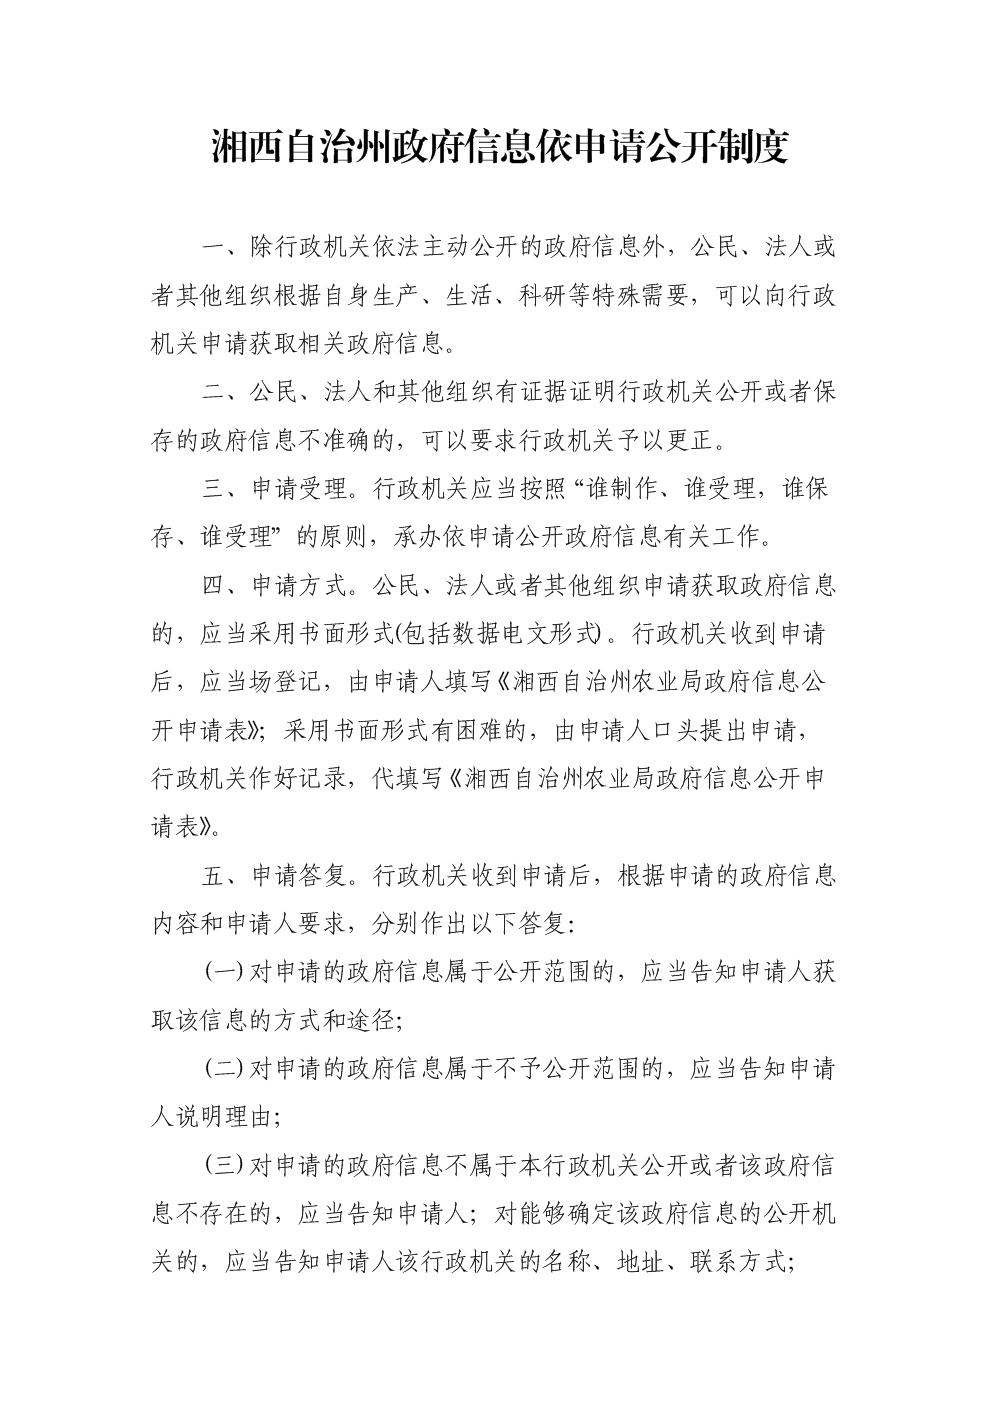 湘西自治州政府信息依申请公开制度.doc